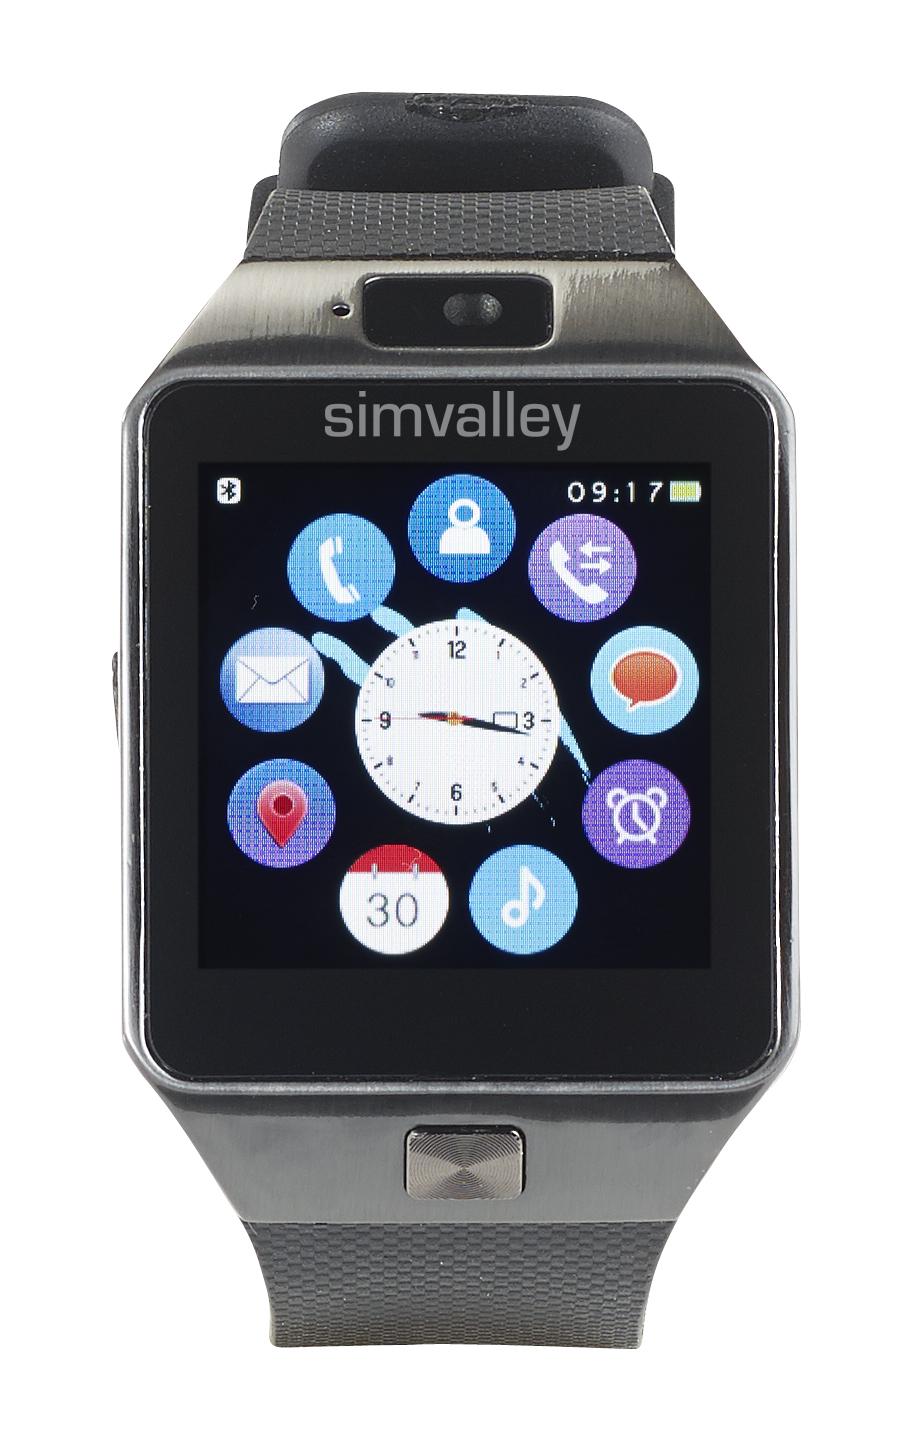 simvalley MOBILE Handy-Uhr/Smartwatch mit Bluetooth 4.0